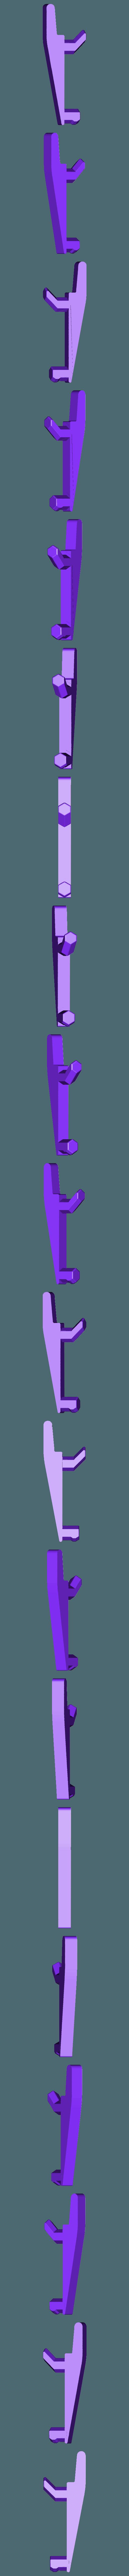 akrobin_clip_hf.stl Télécharger fichier STL gratuit porte-foret en carton • Modèle pour imprimante 3D, Punisher_4u